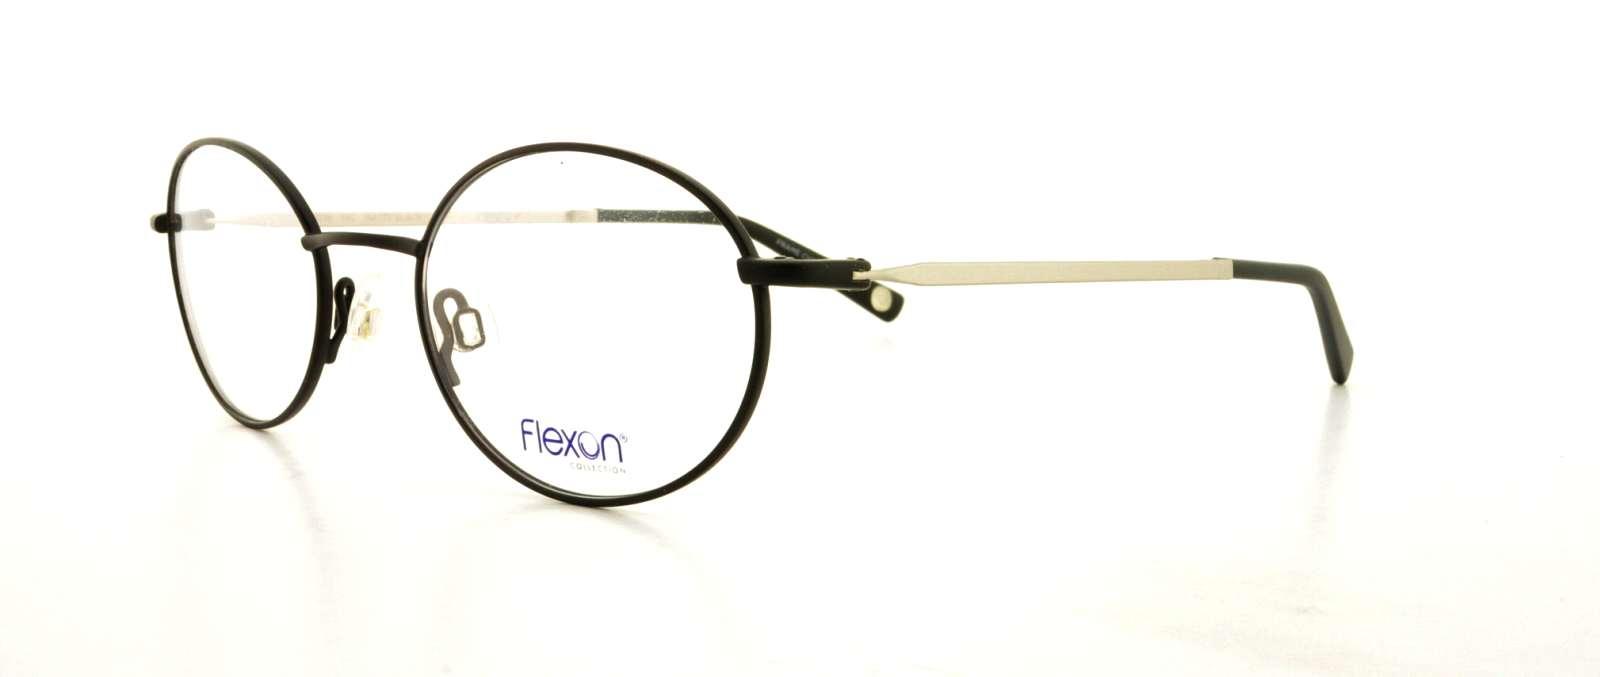 91bf011444d Designer Frames Outlet. Flexon INFLUENCE